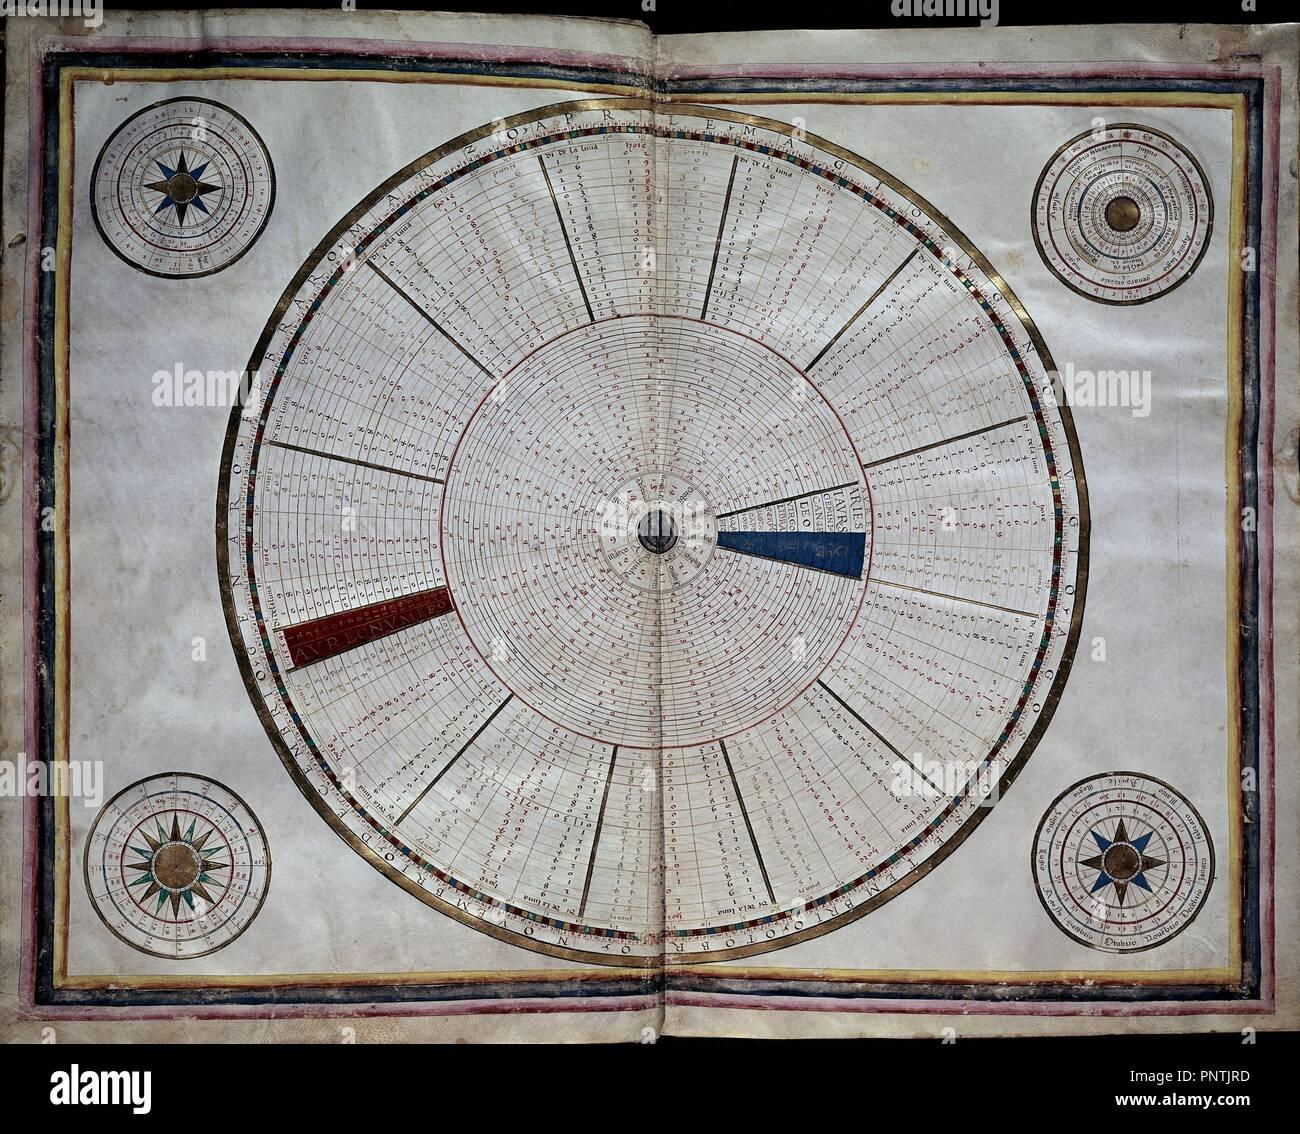 Calendario Zodiacal.Calendario Esferico Zodiacal S Xvi Location Museo Naval